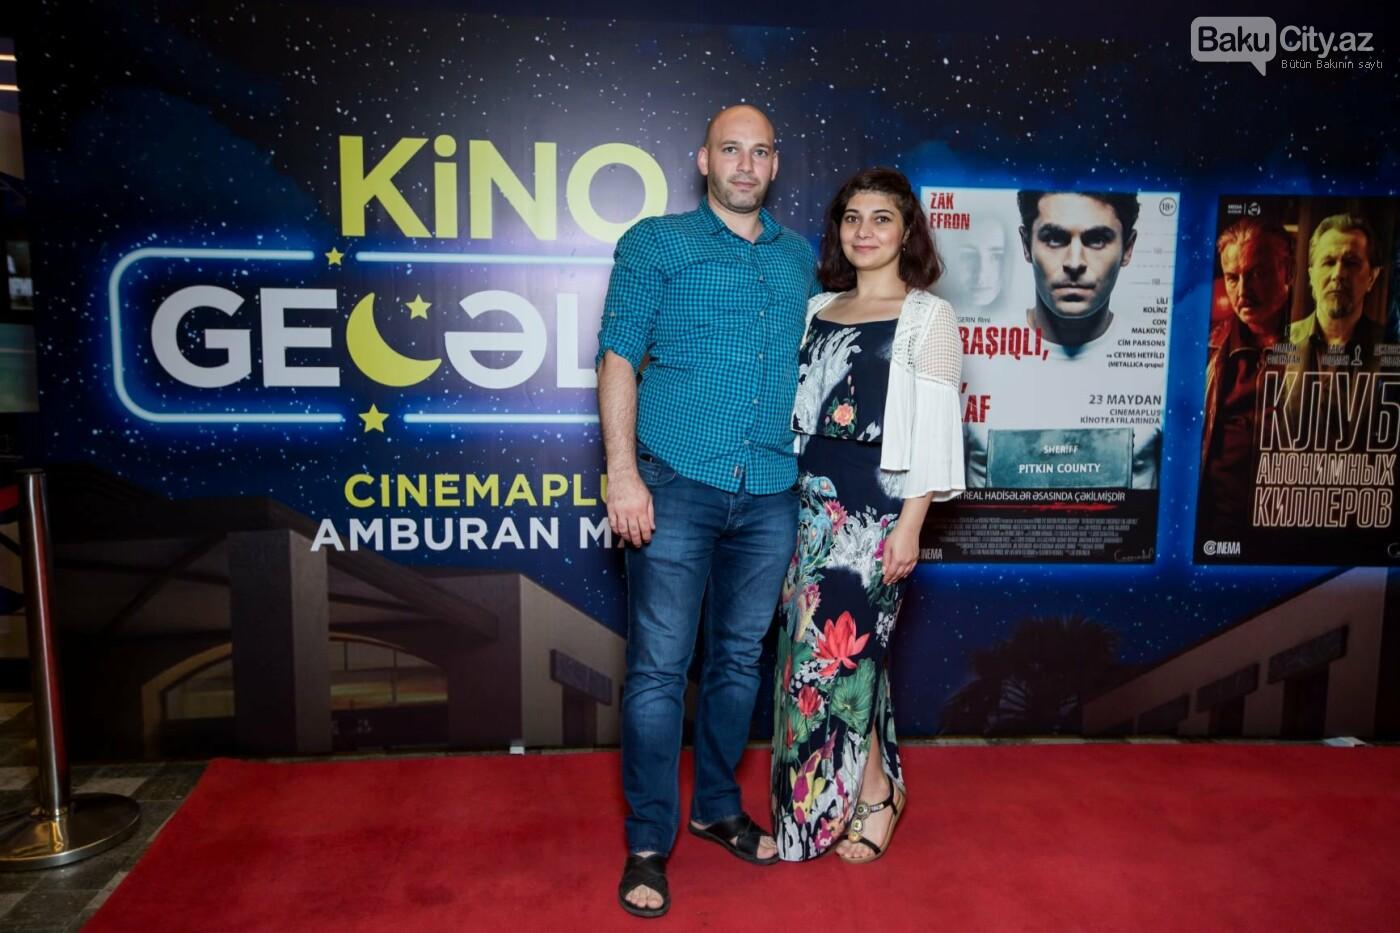 """Bakıda üç filmin nümayişi ilə """"Kino Gecəsi"""" keçirildi - FOTO, fotoşəkil-30"""